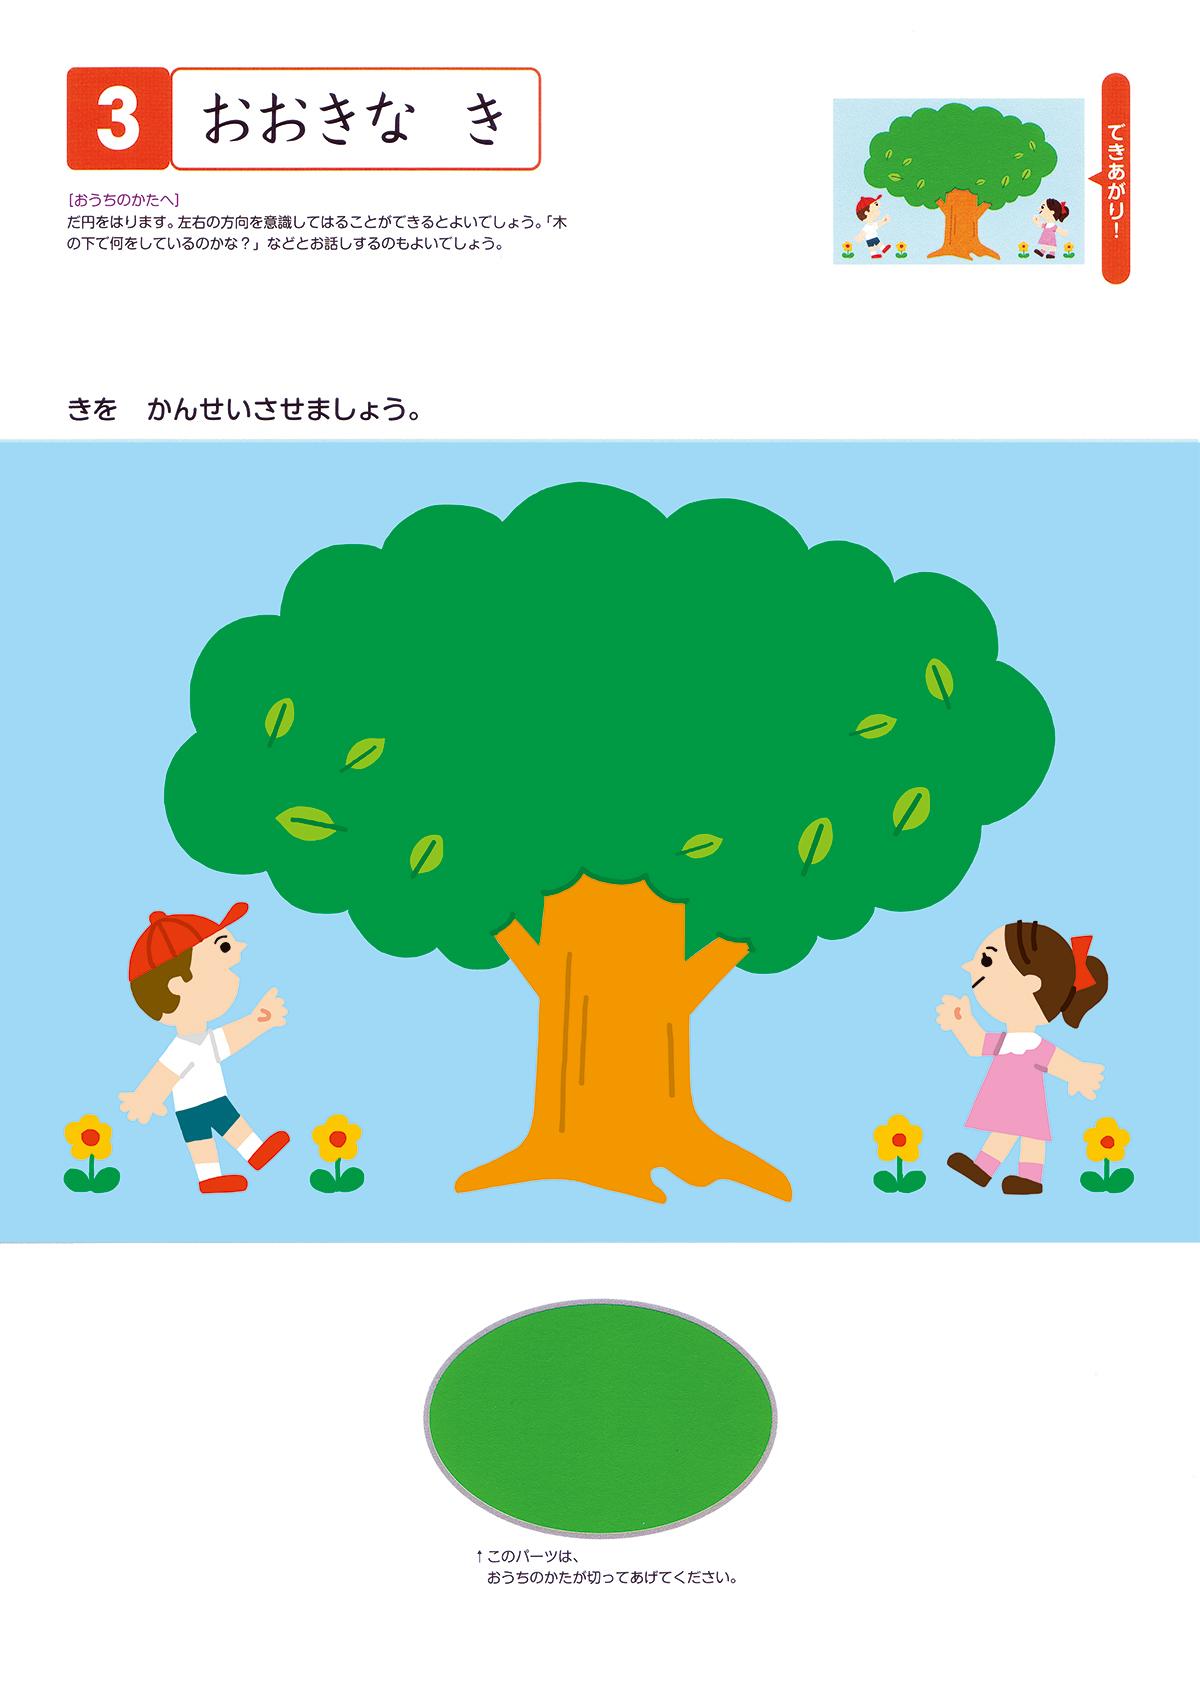 kumon_jp_01